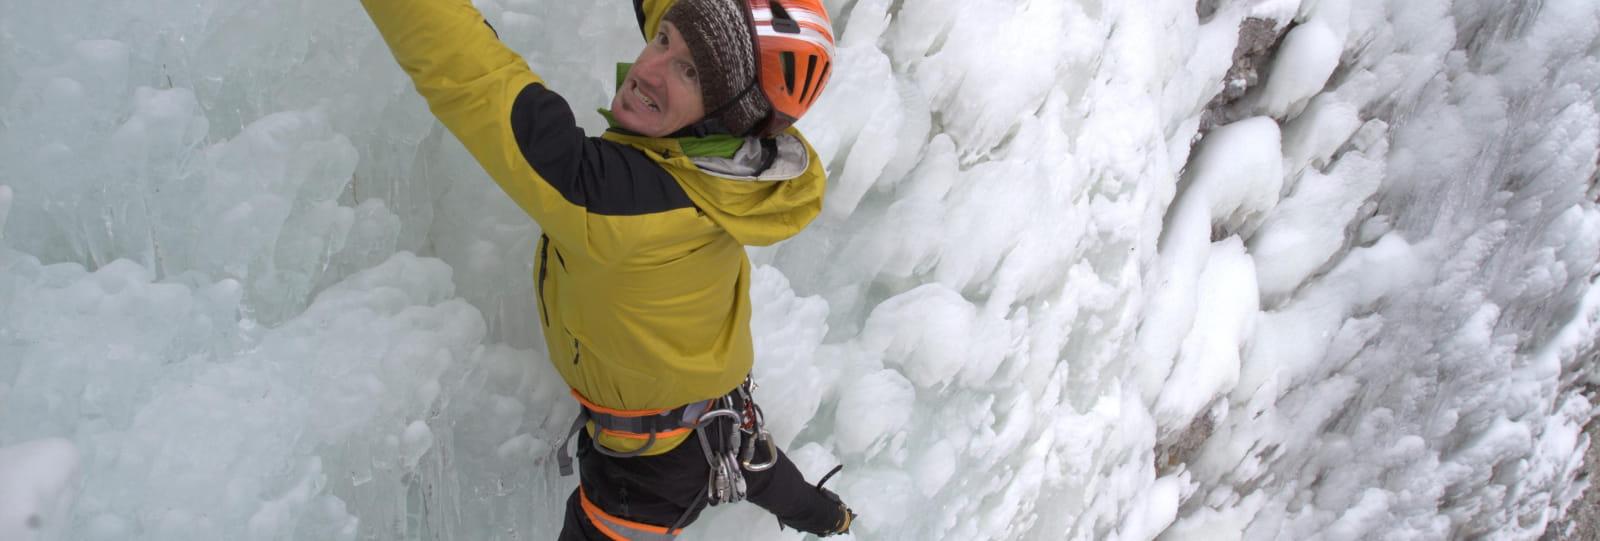 Grimpeur cascade de glace